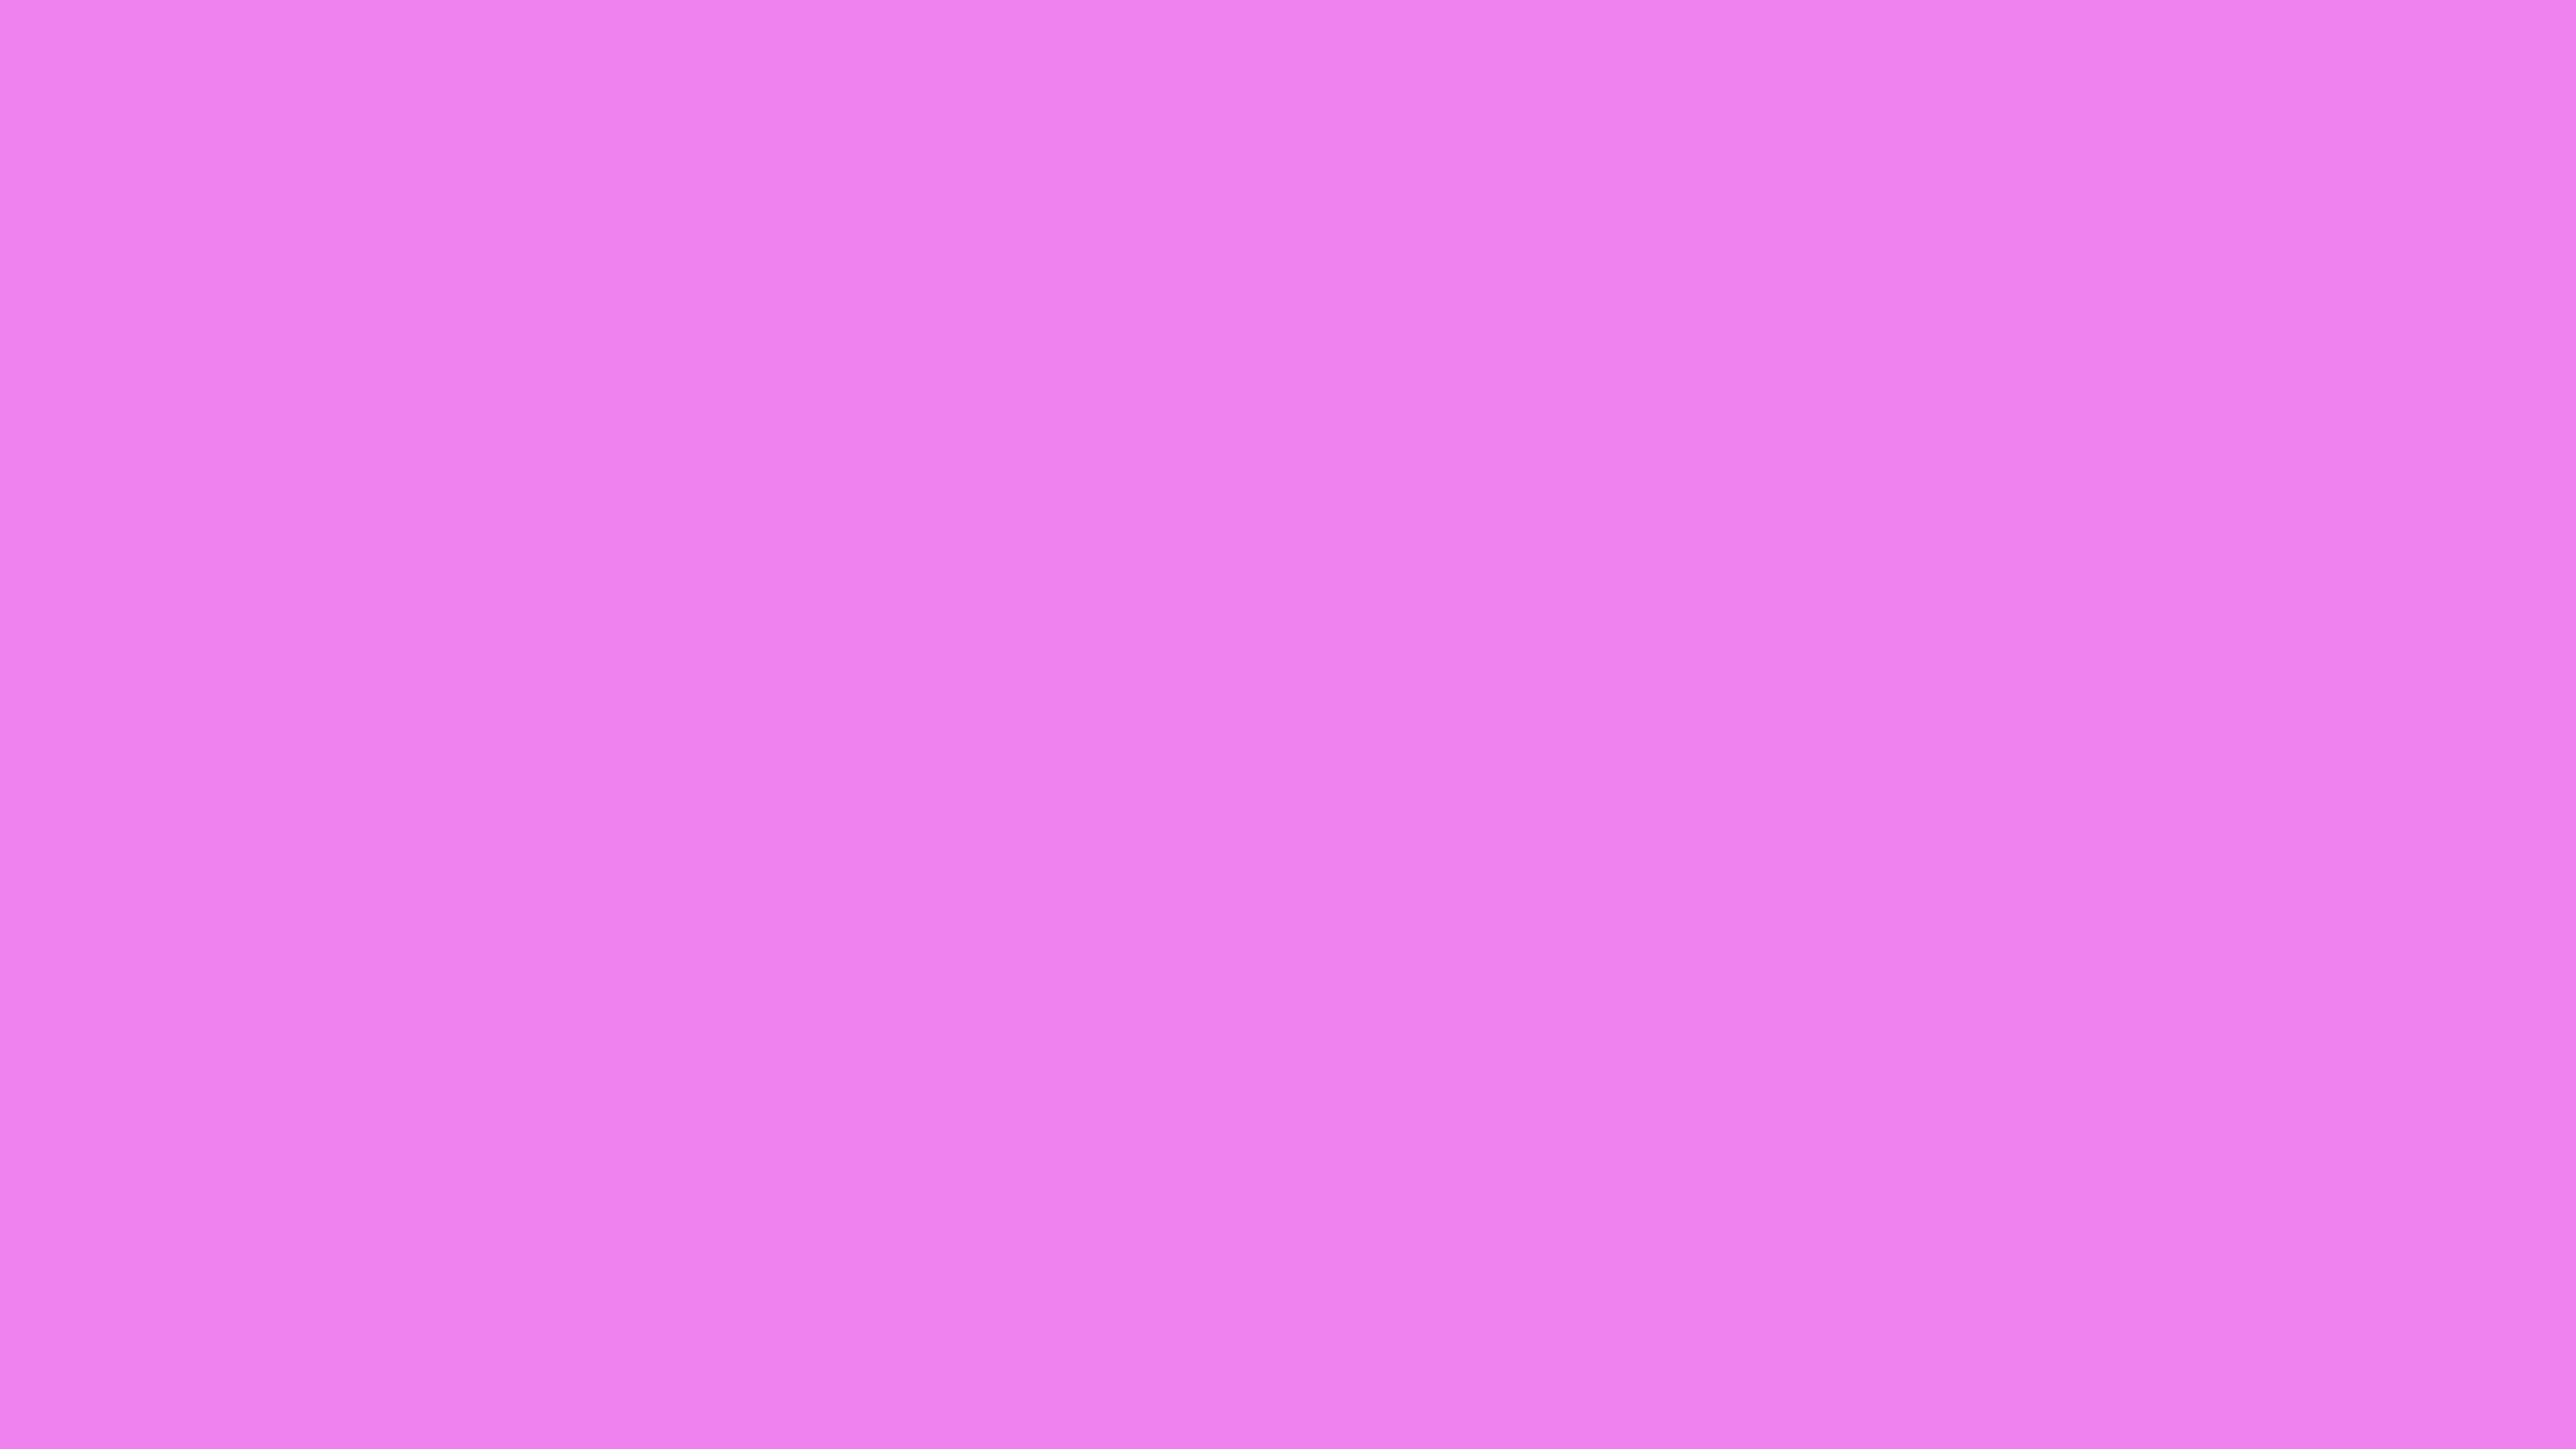 4096x2304 Lavender Magenta Solid Color Background